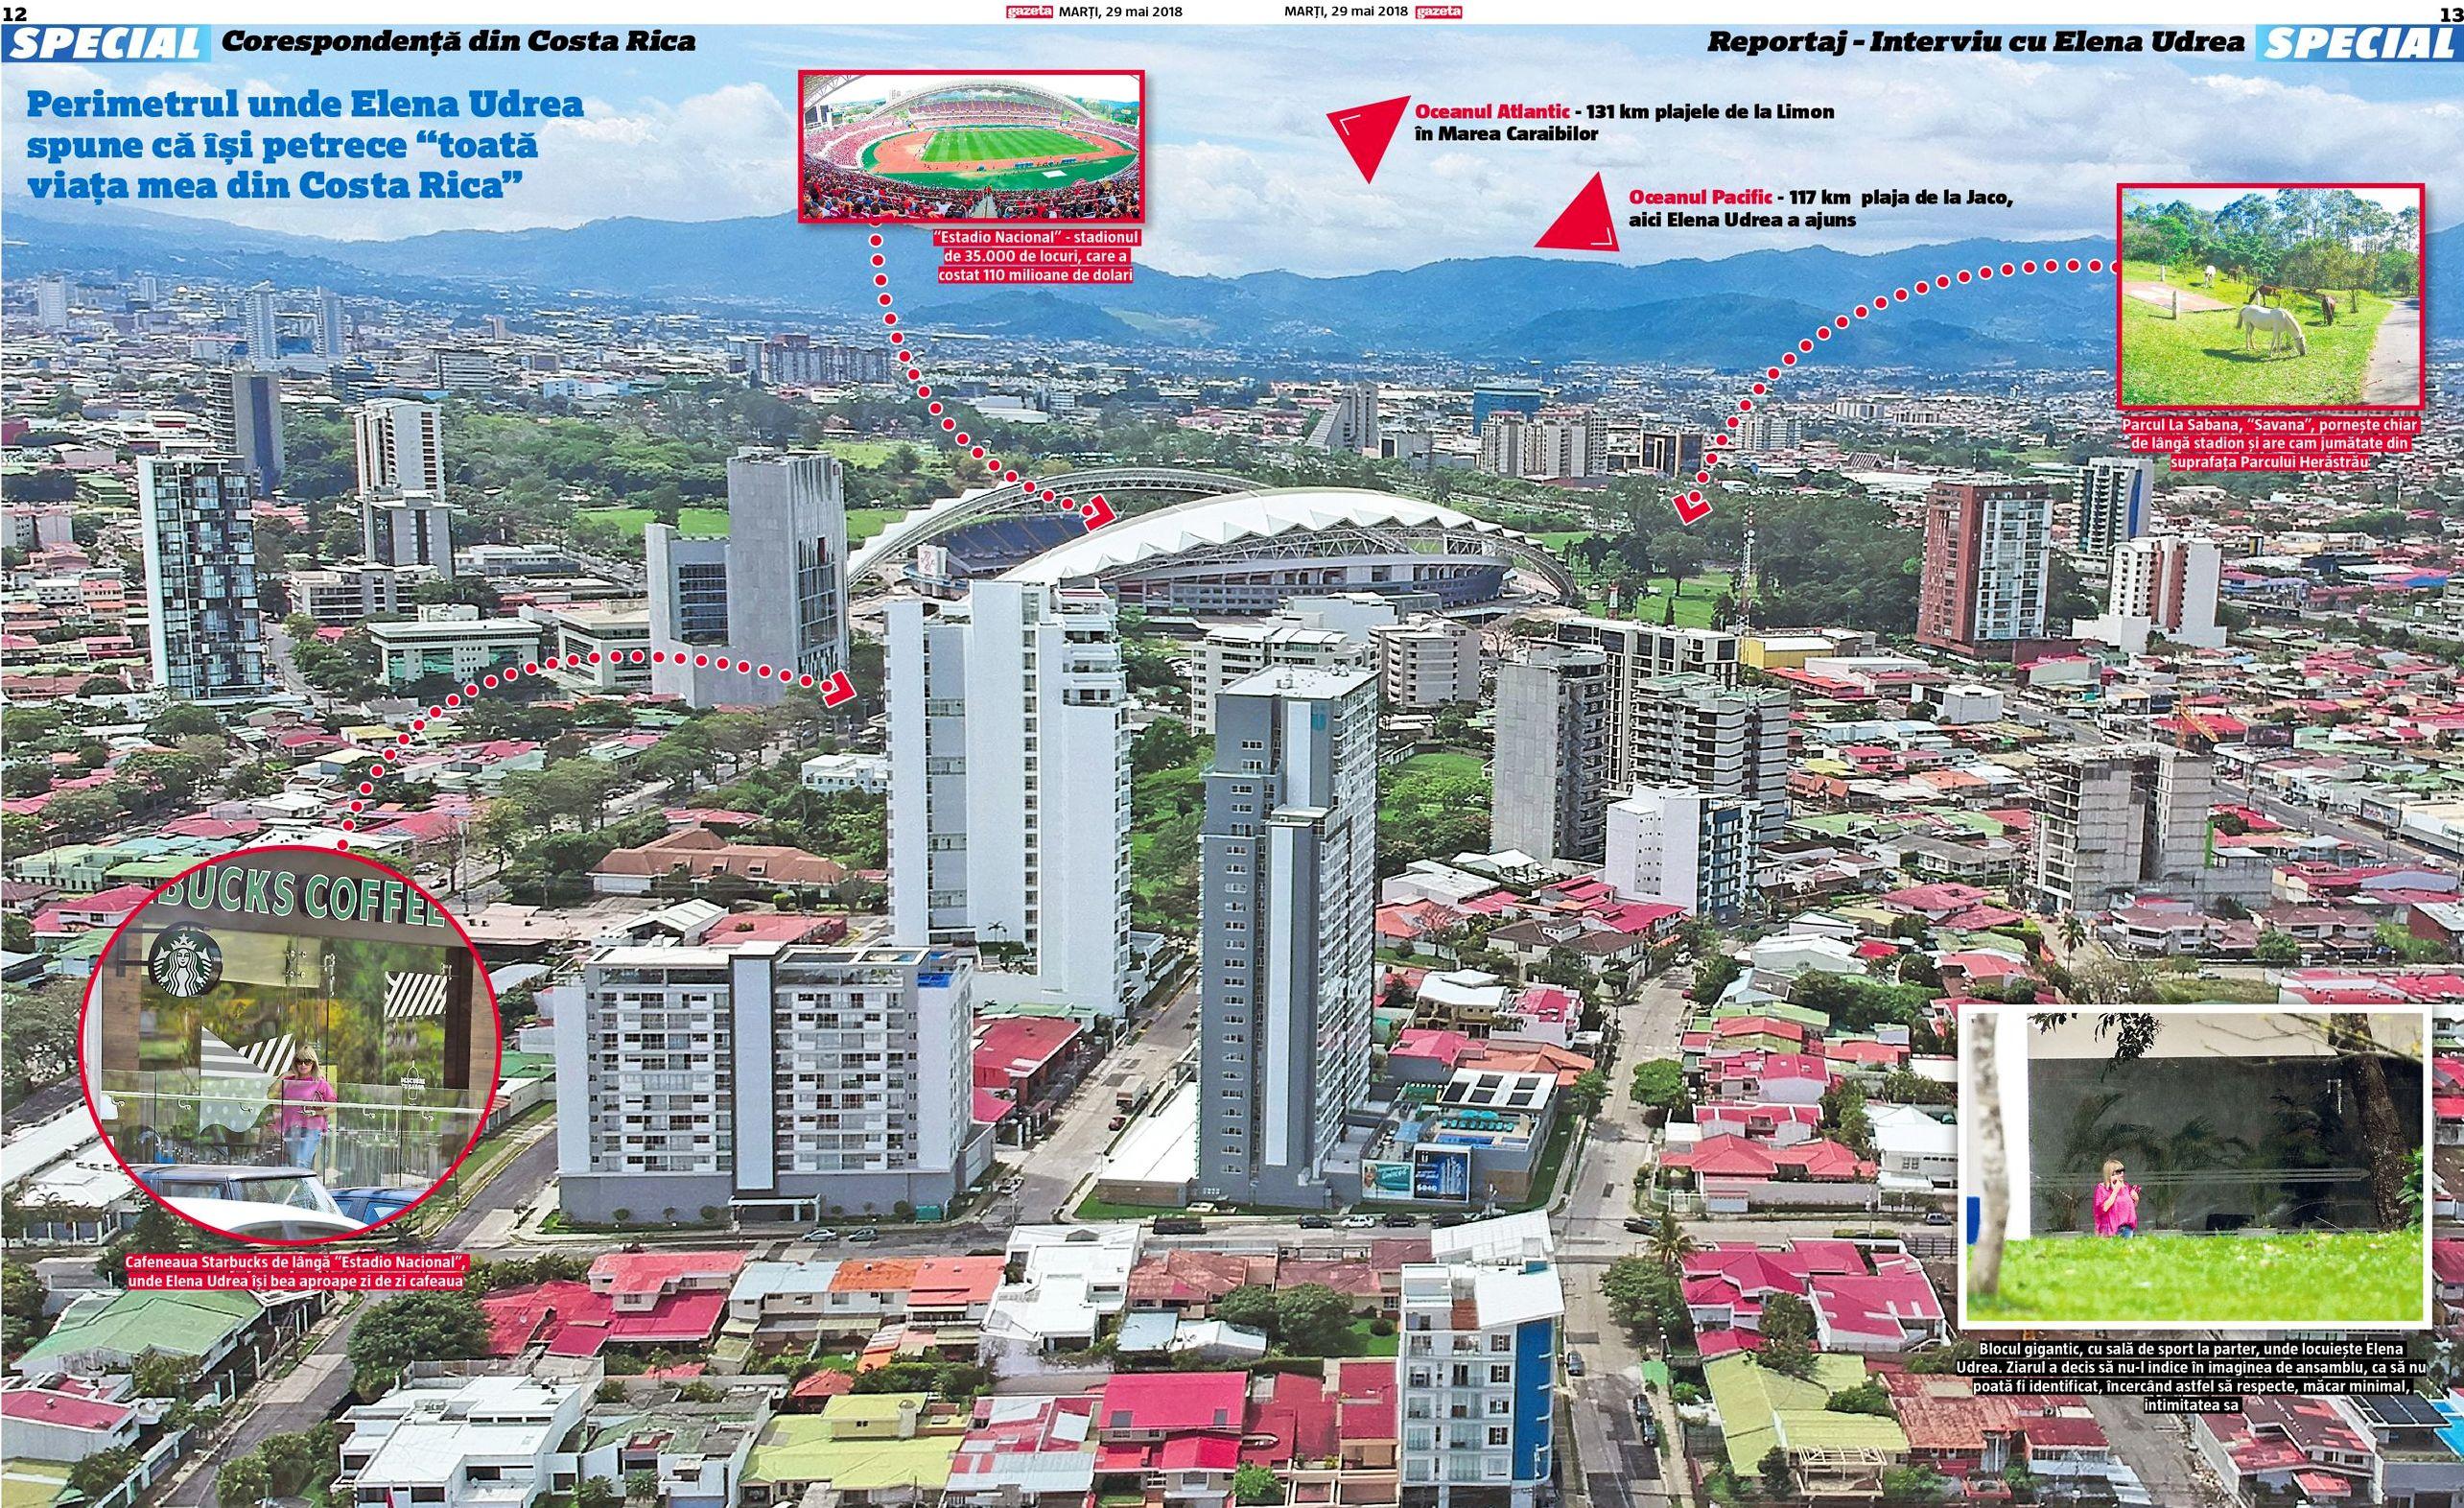 """Perimetrul unde Elena Udrea spune că petrece """"toată viața mea din Costa Rica"""". Click pe imagine pentru zoom"""